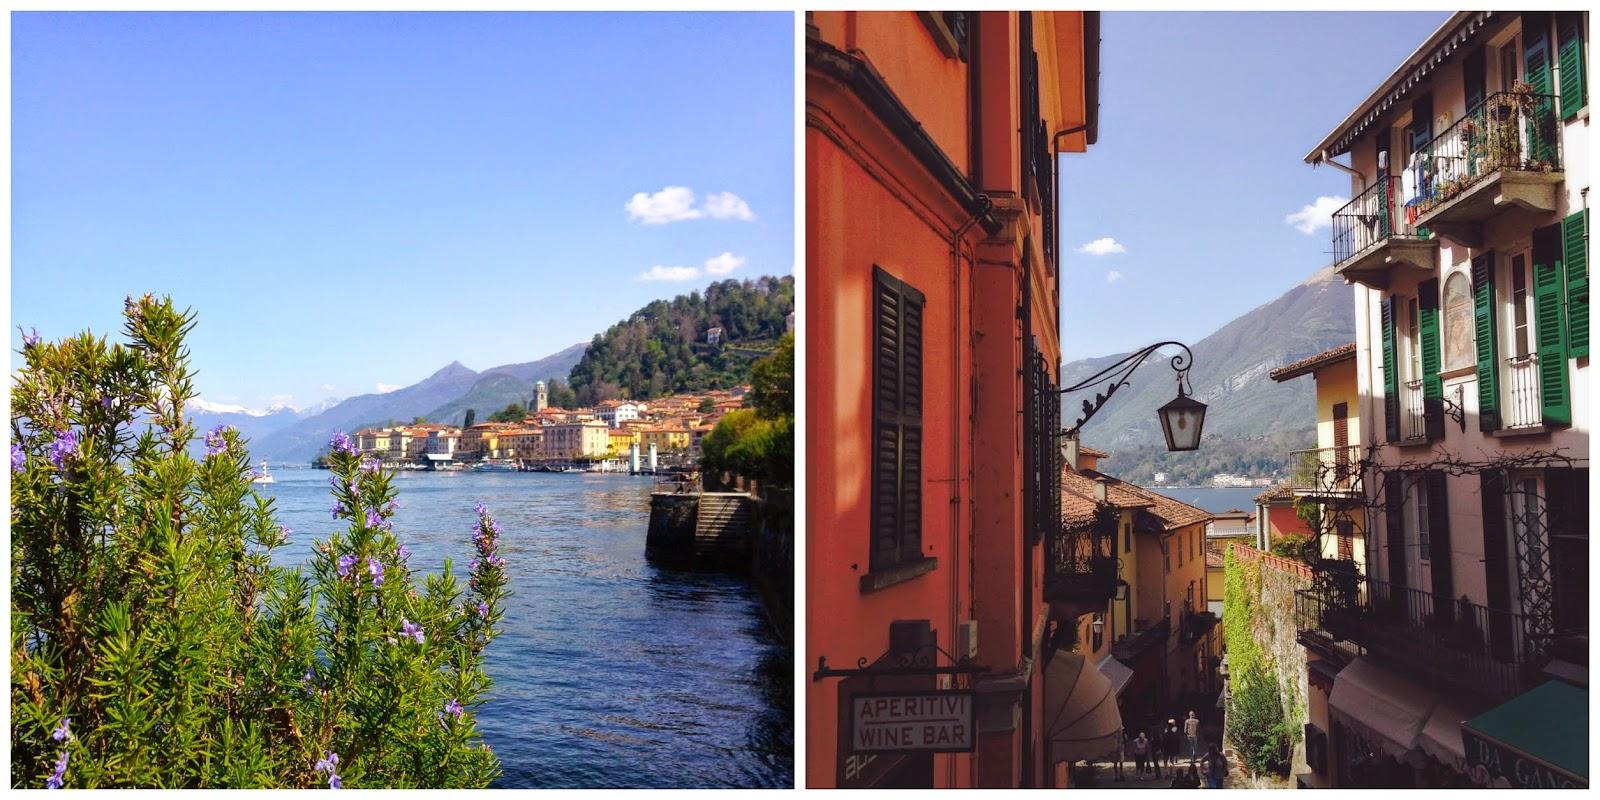 Bellagio, la perla del Lago di Como - foto di Elisa Chisana Hoshi